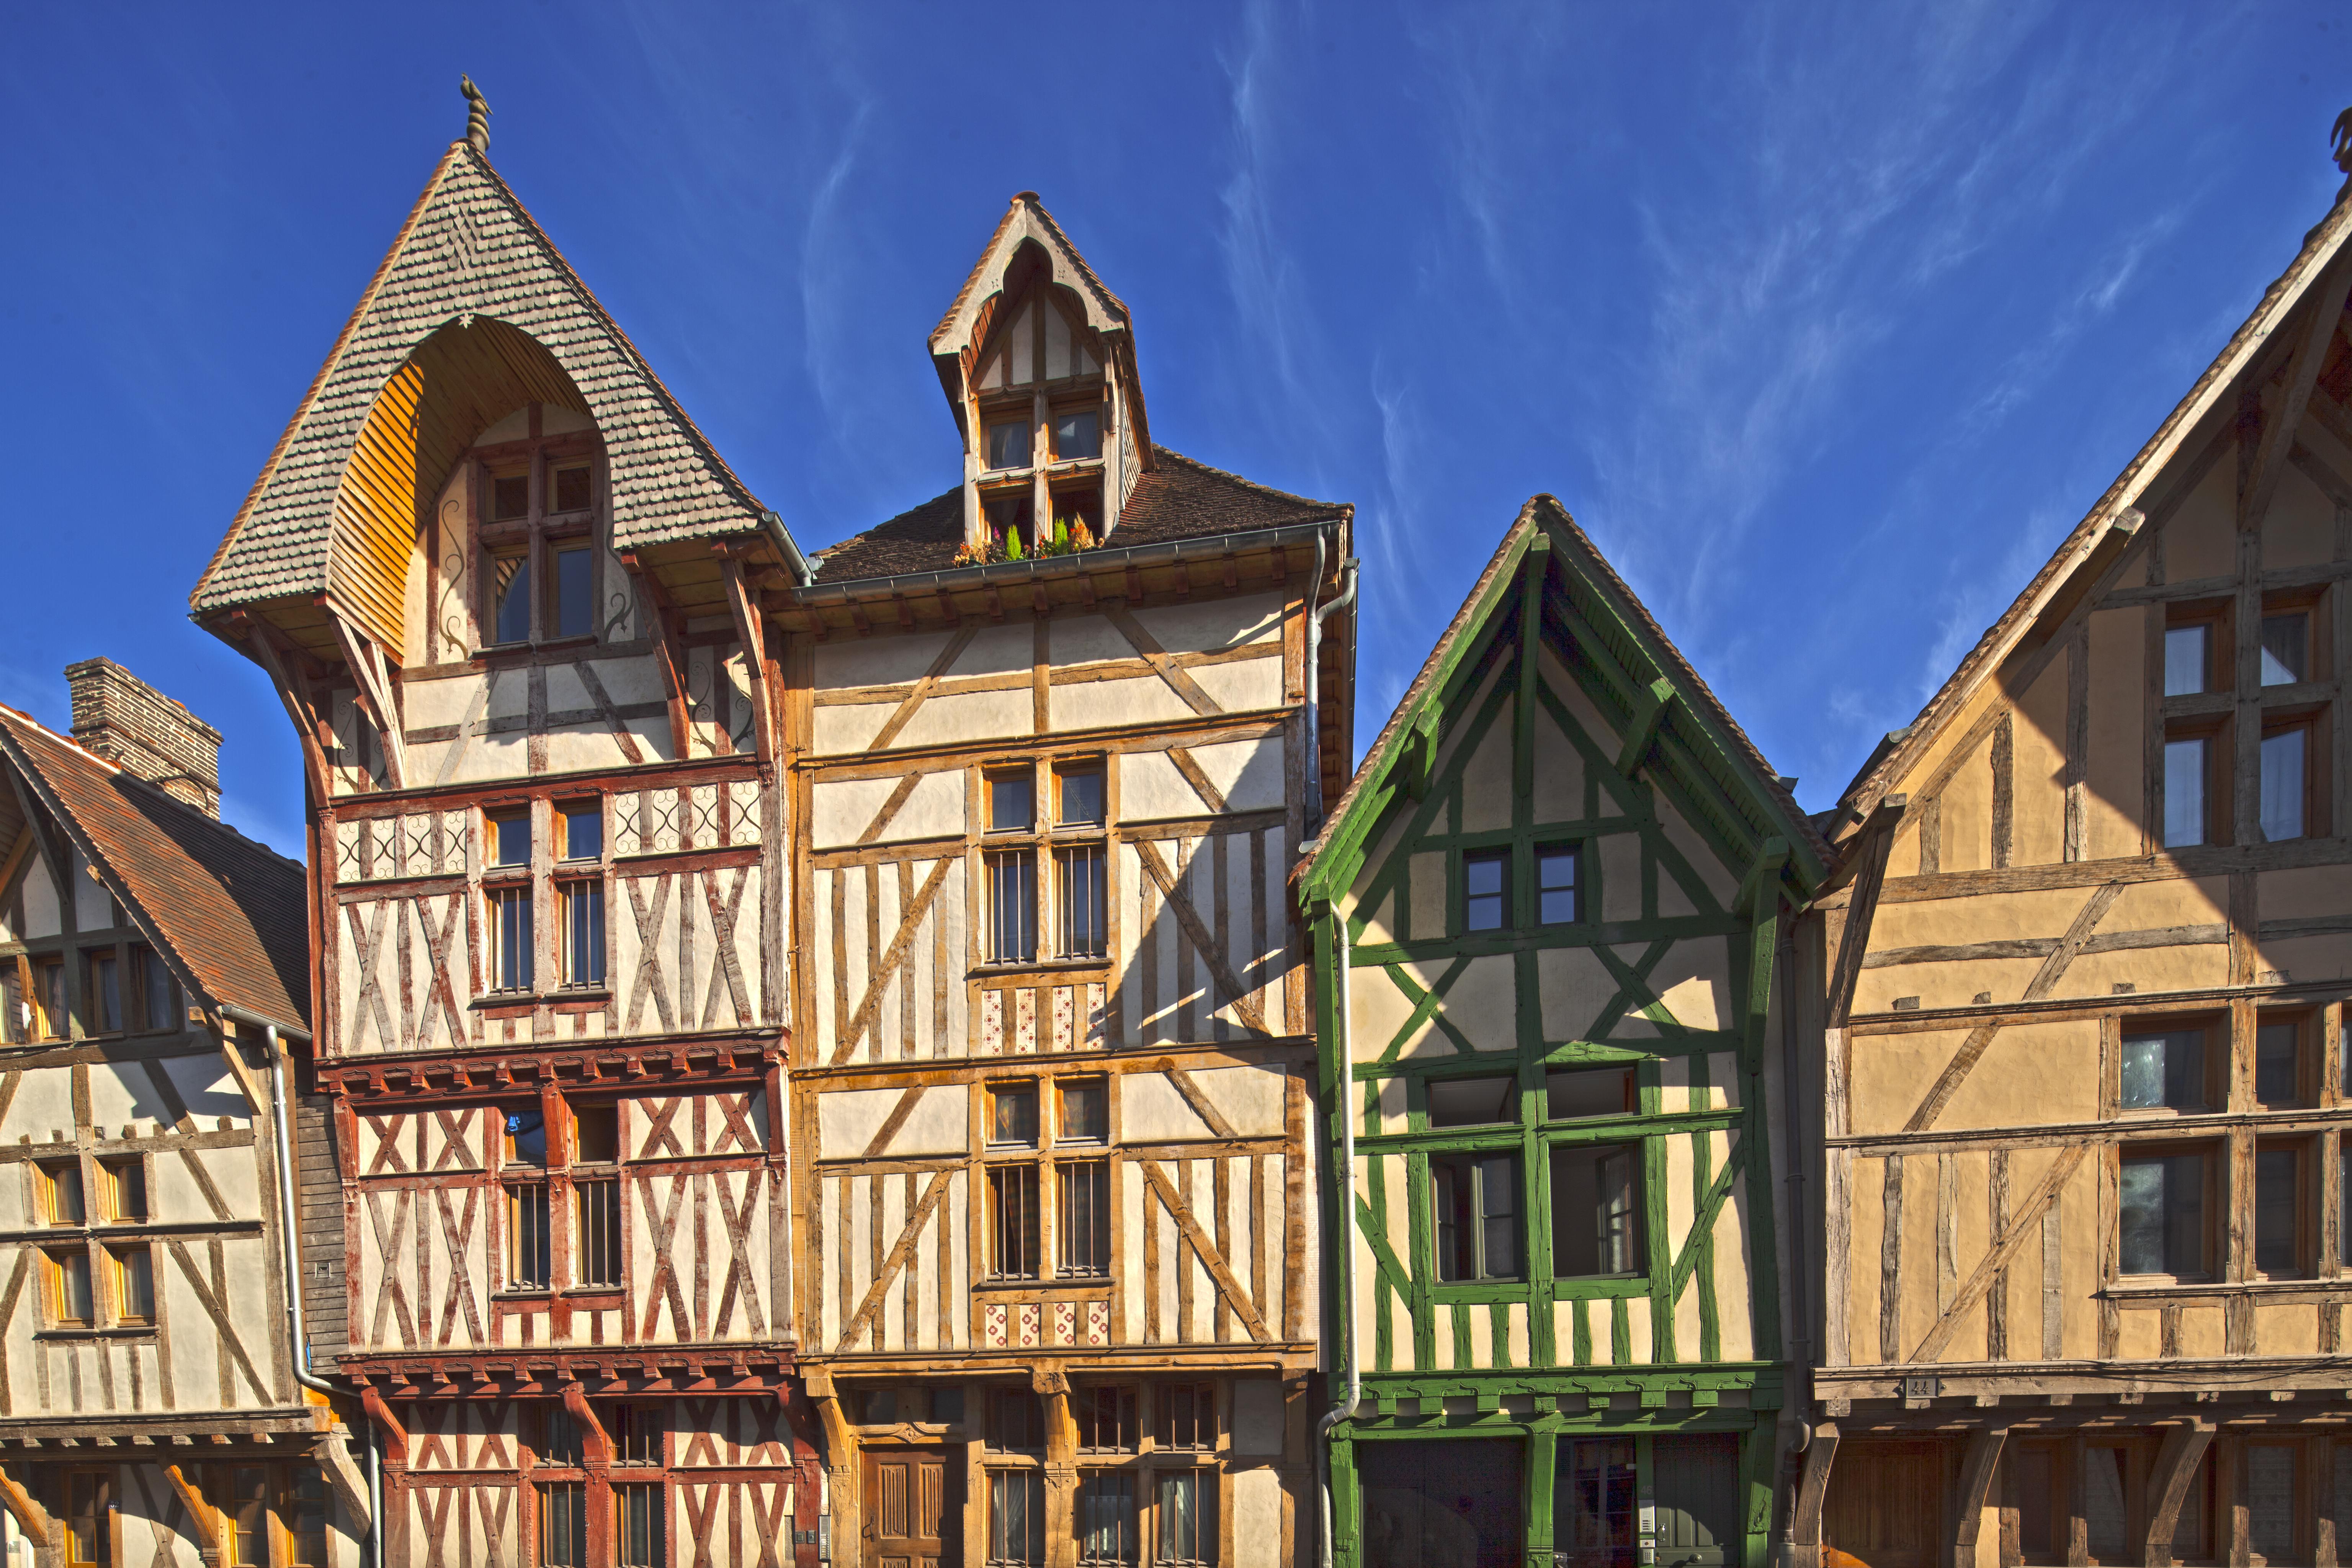 Vieilles maisons à pans de bois à Troyes